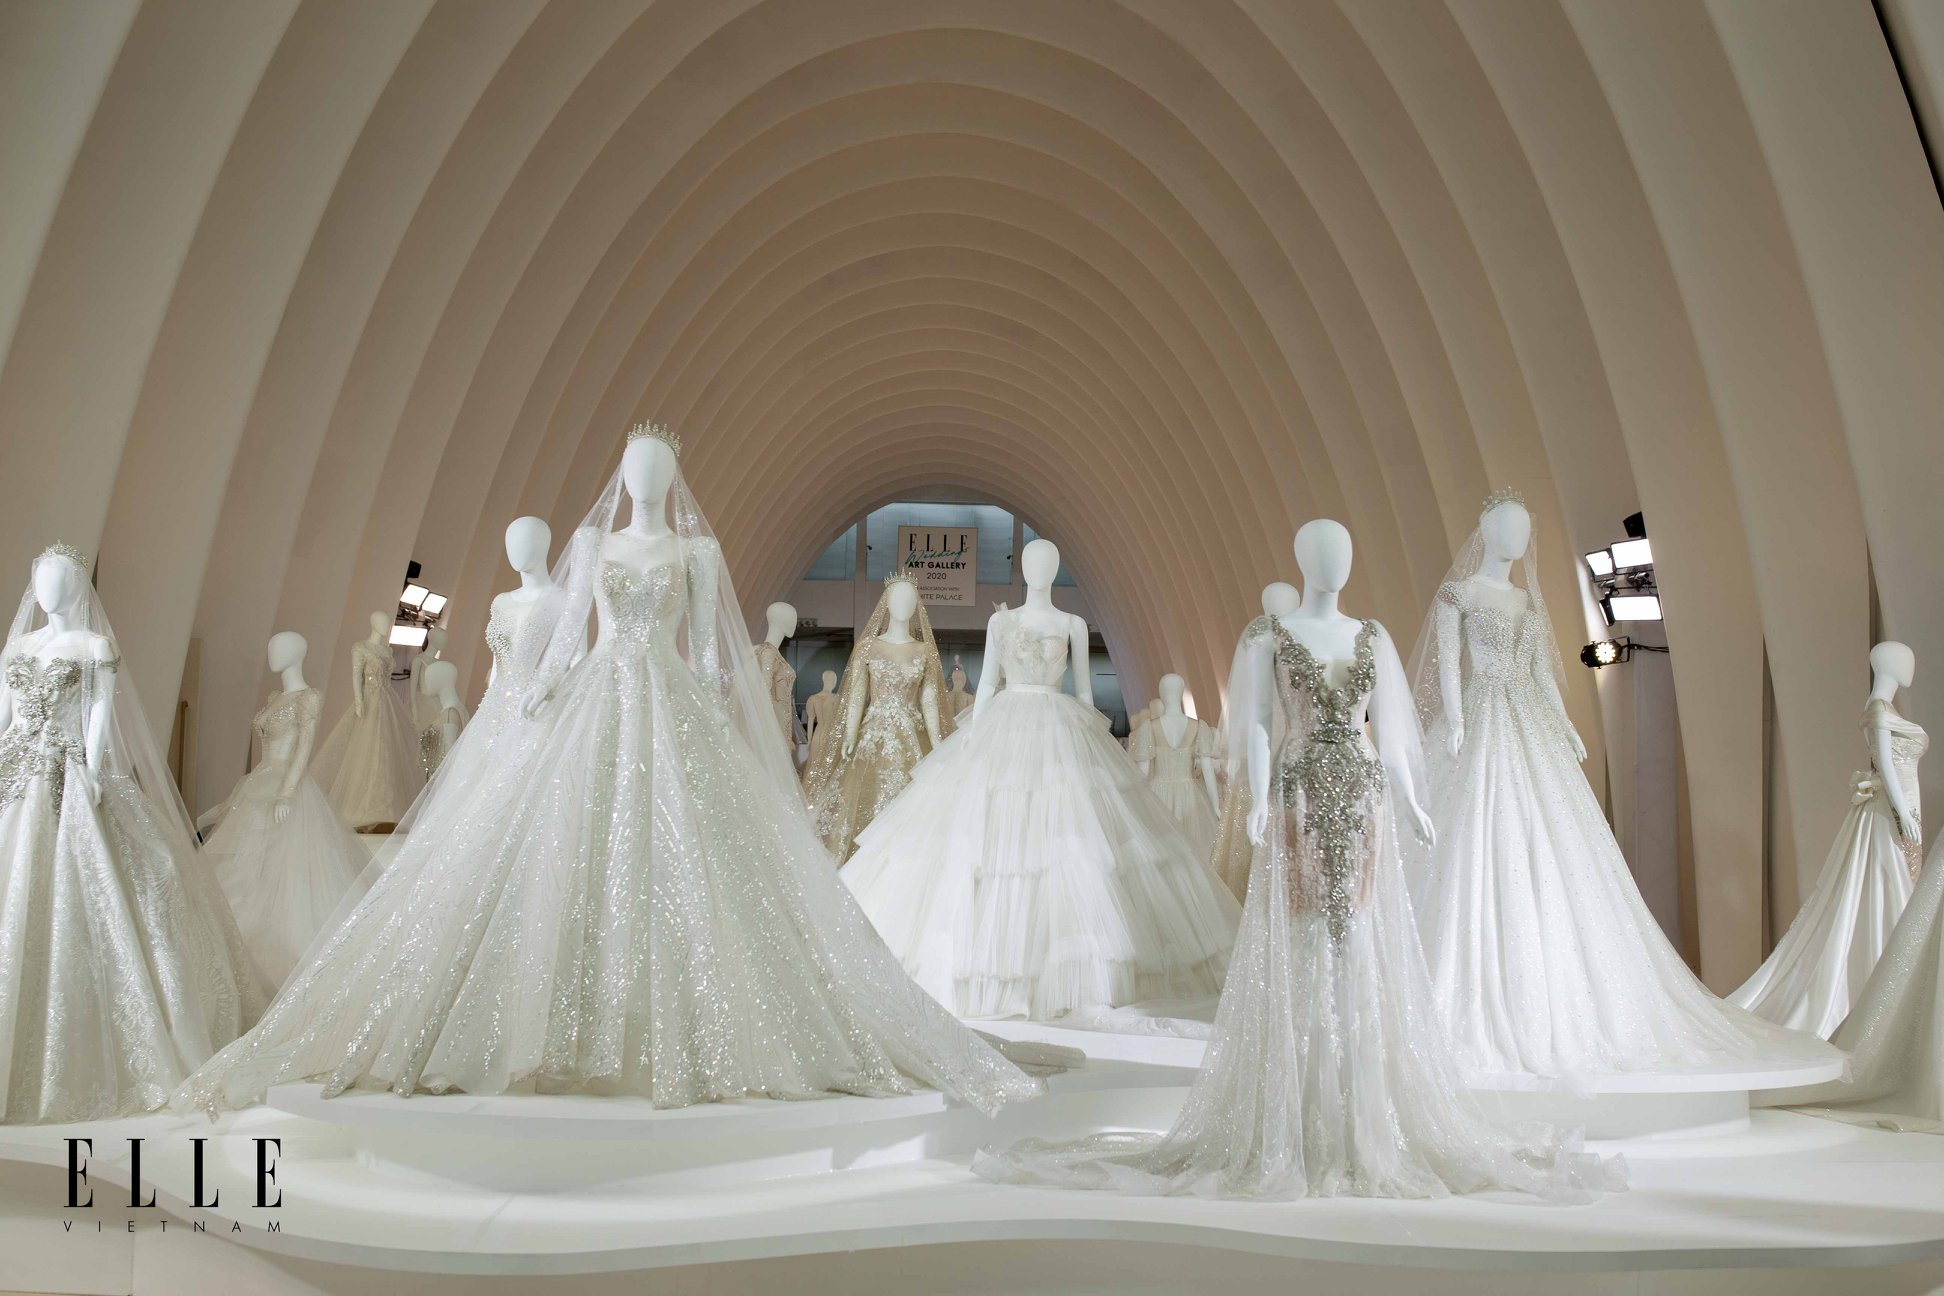 elle-wedding-art-gallery_trung-bay-120-ao-cuoi